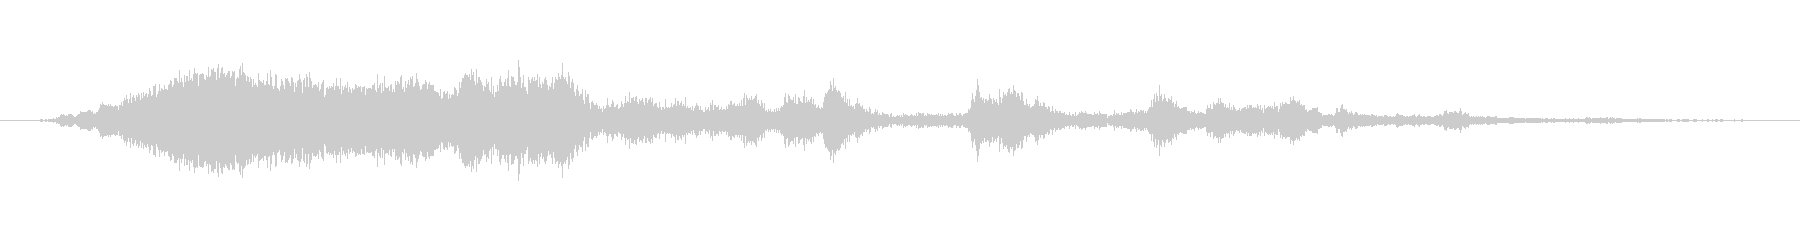 摩擦金属、低音-アグレッシブの未再生の波形